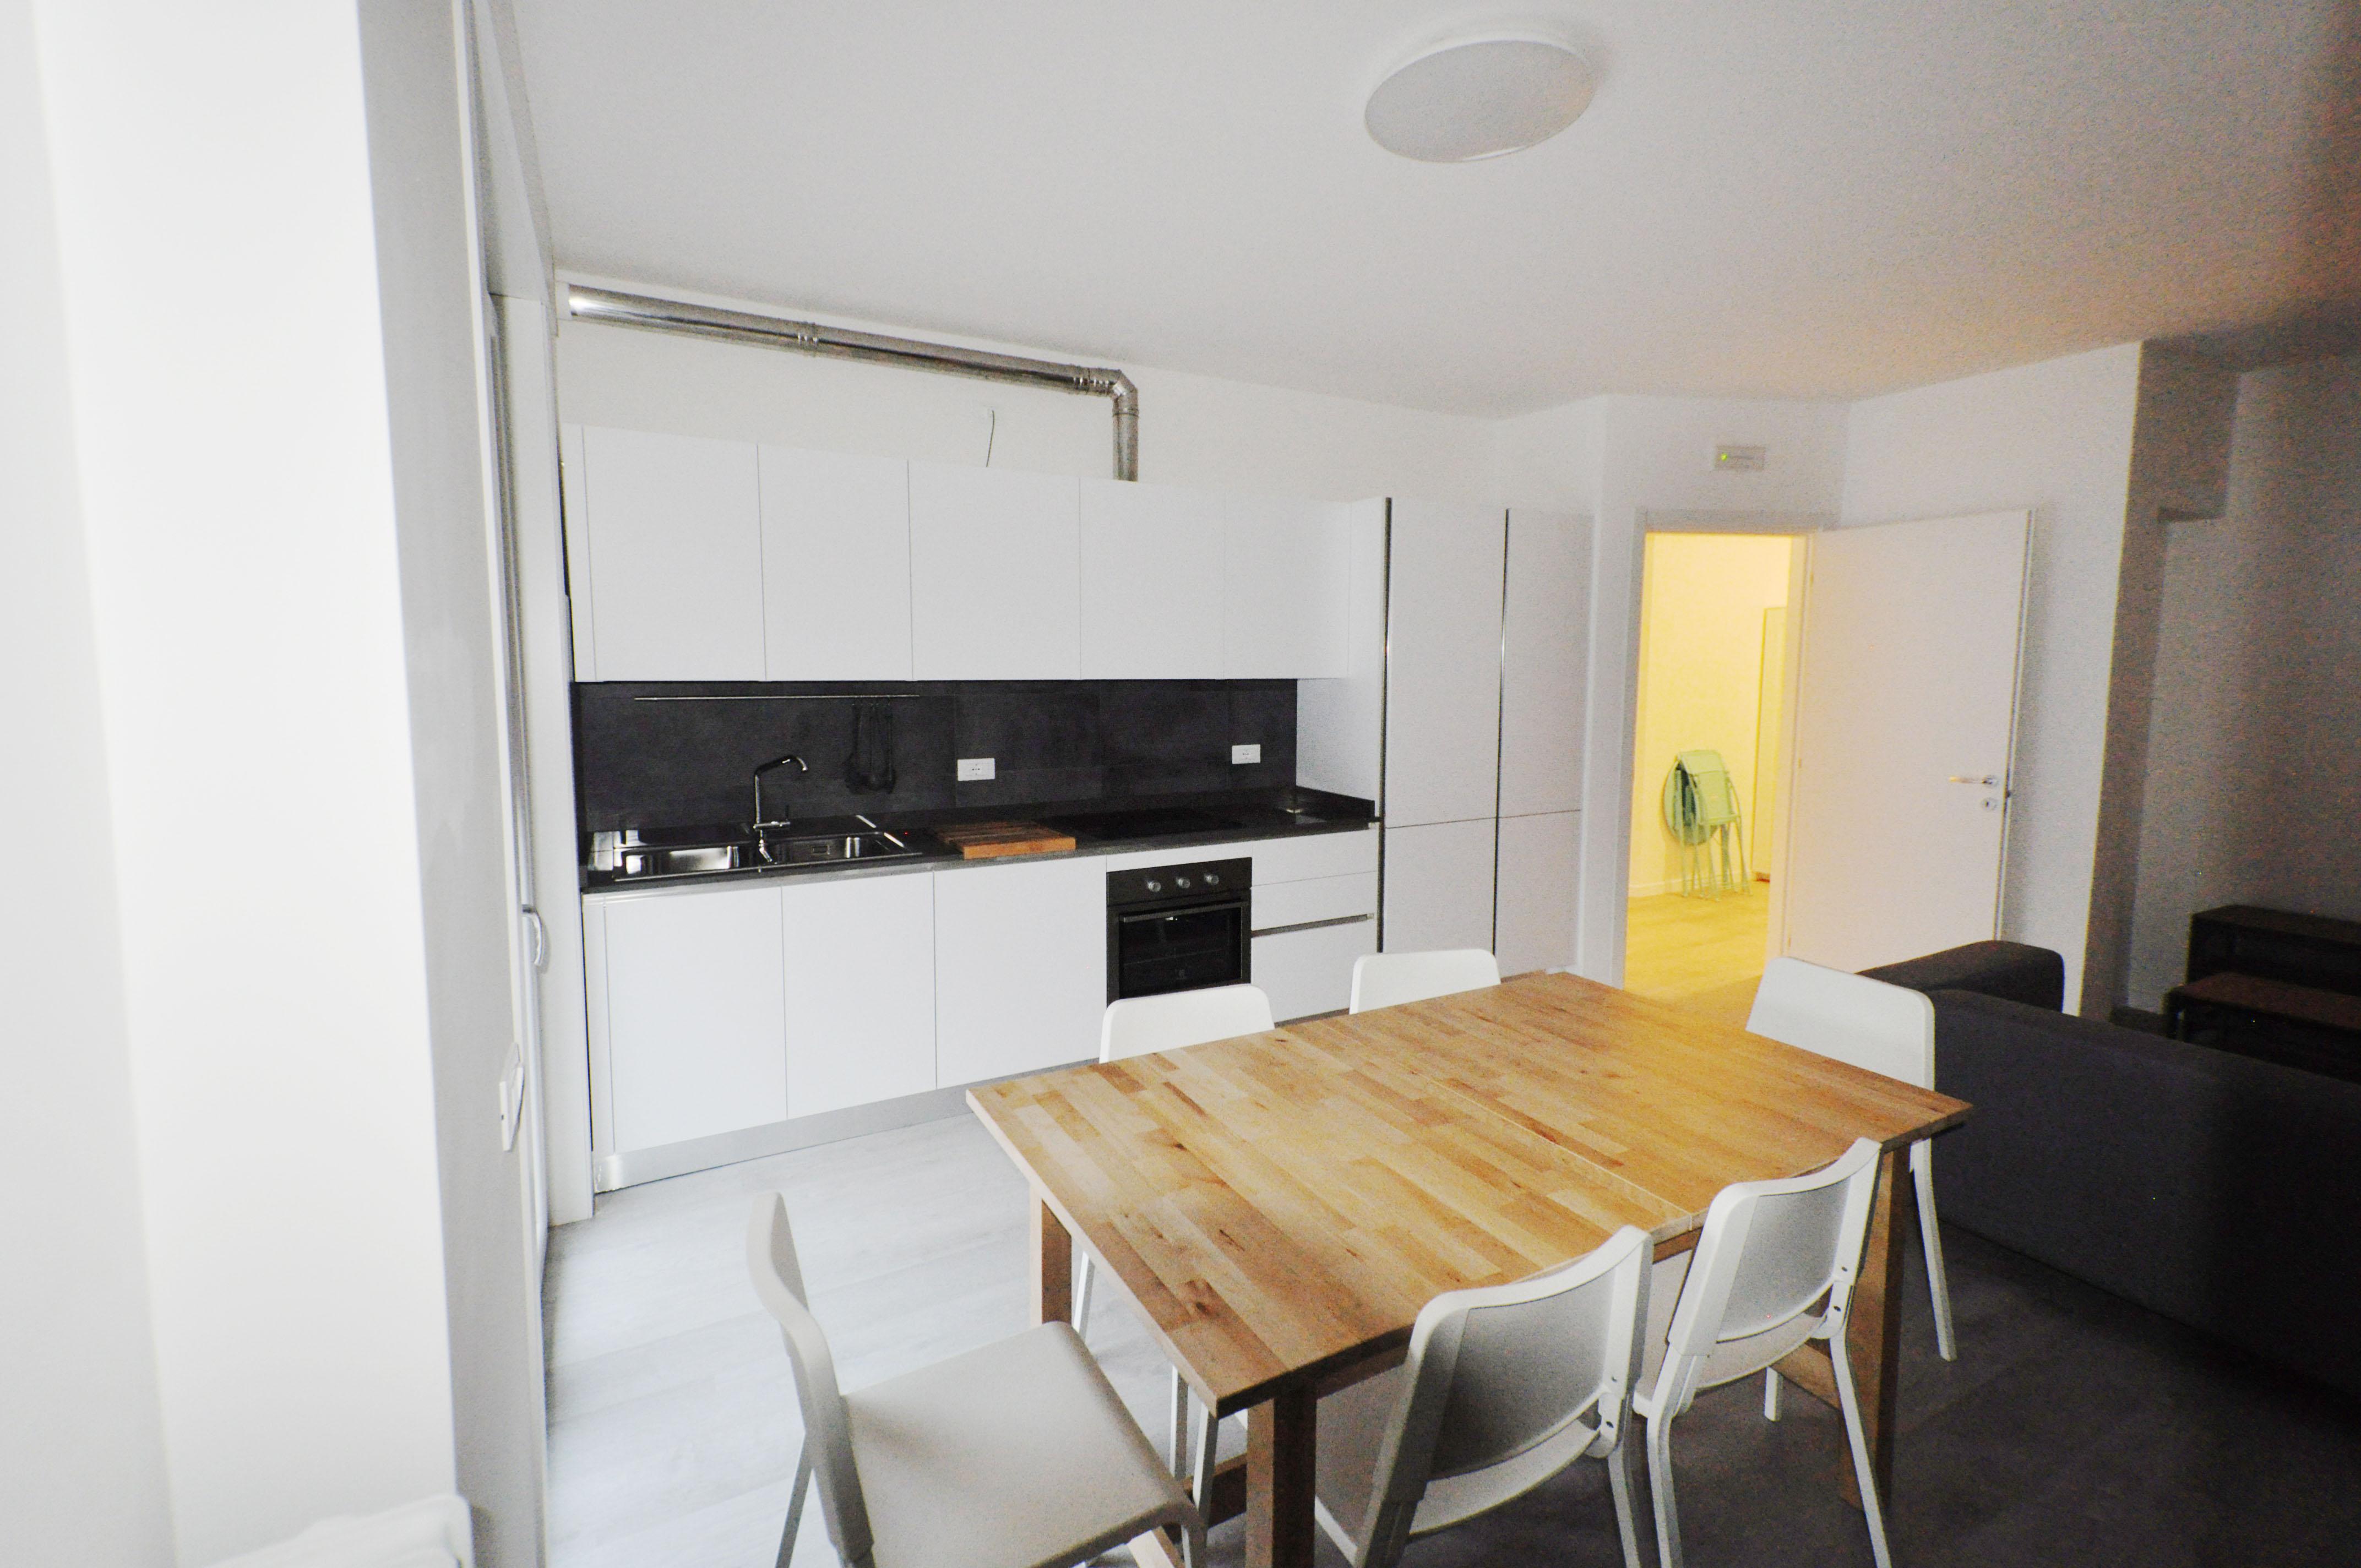 Camere in affitto-Treviso-Ospedale-Stazione-Studio-Architettura-Zanatta bertolini_03B